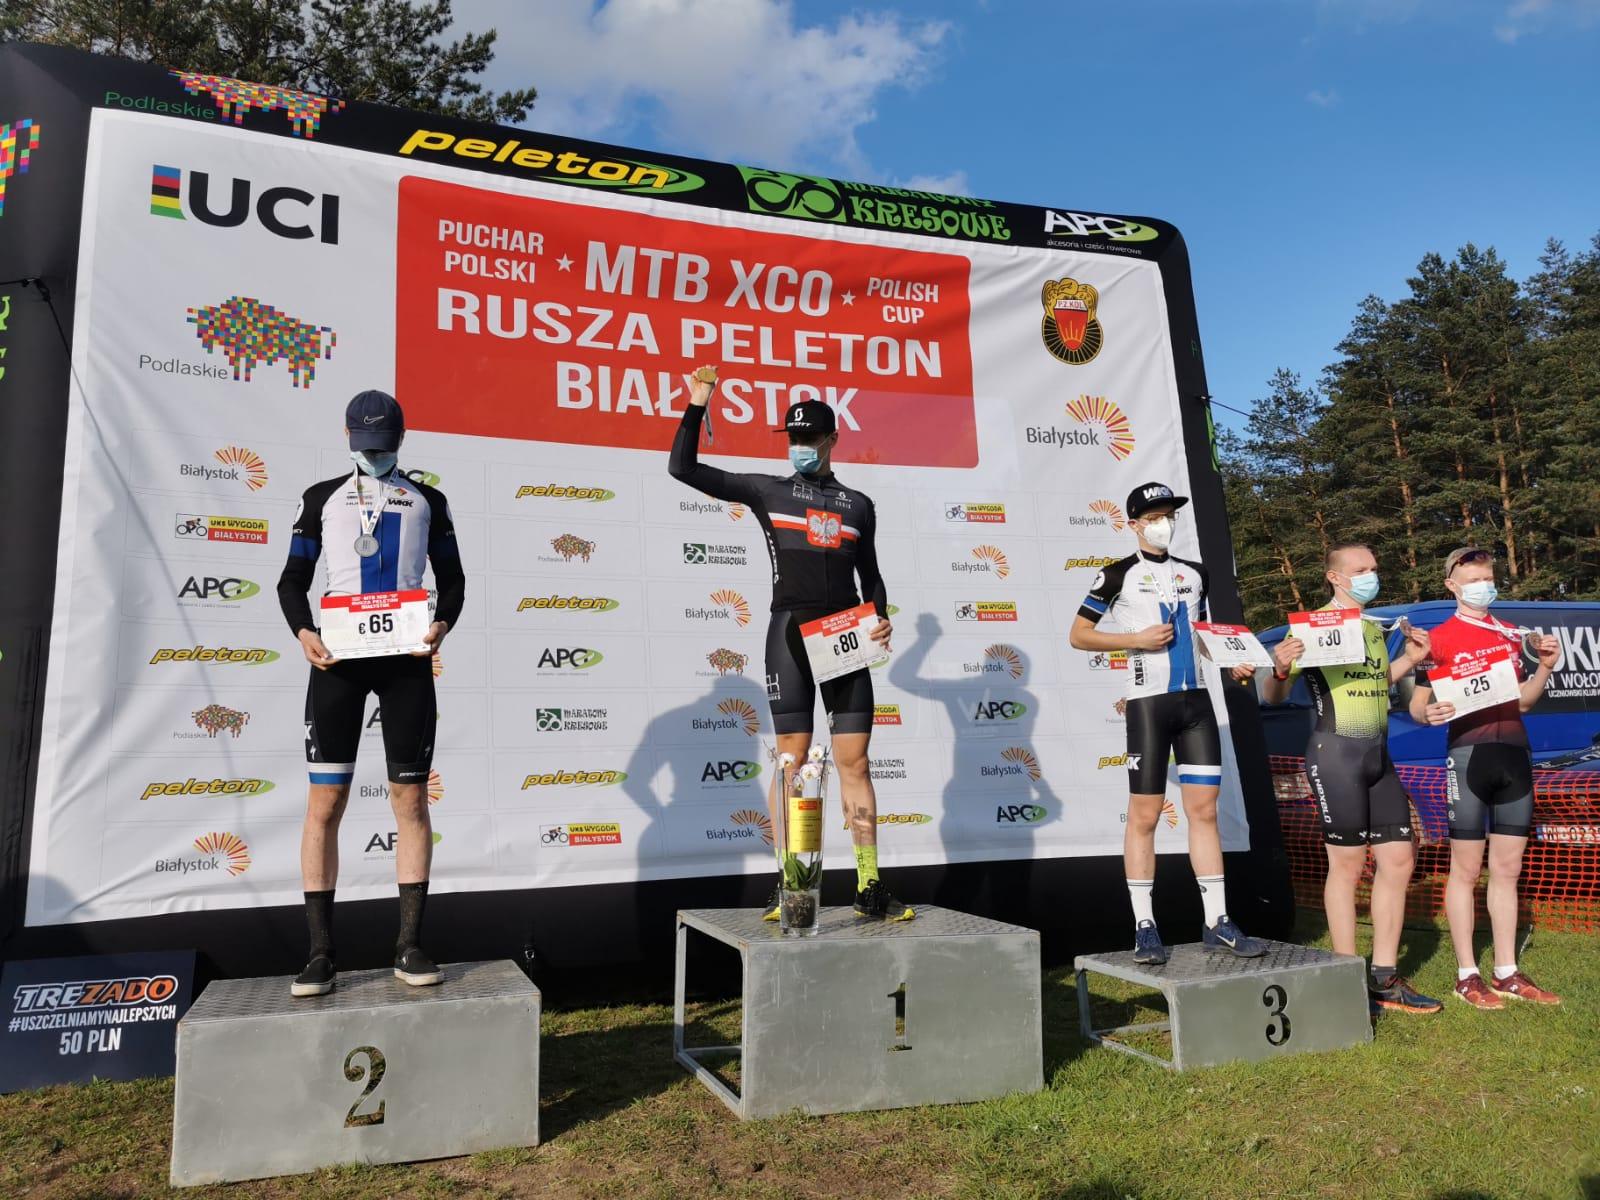 Komentarze zawodników RK Exclusive Doors MTB Team po Pucharze Polski MTB XCO w Białymstoku